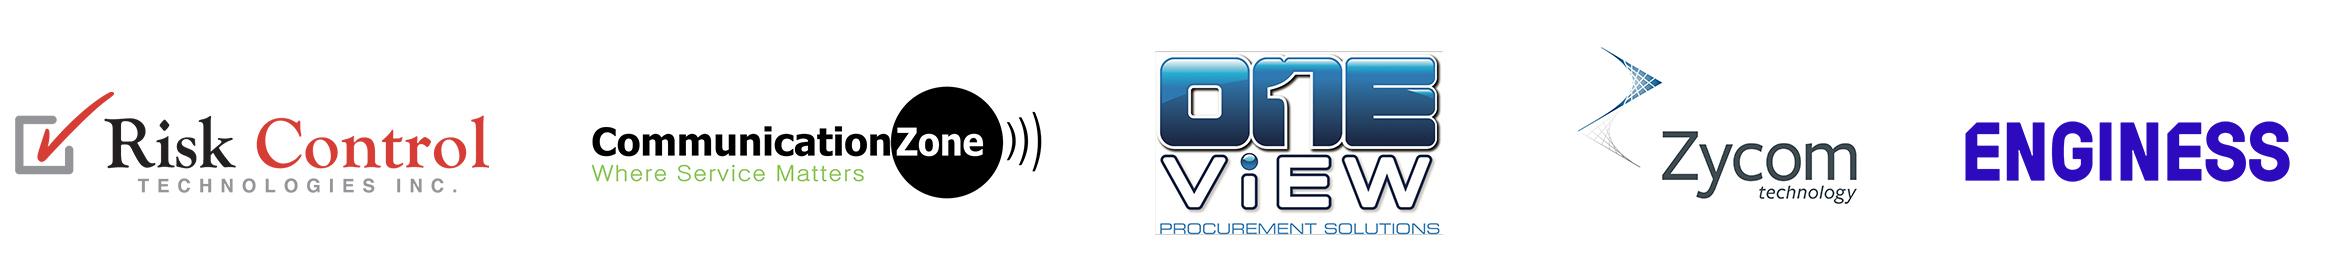 Logo-slide5.jpg